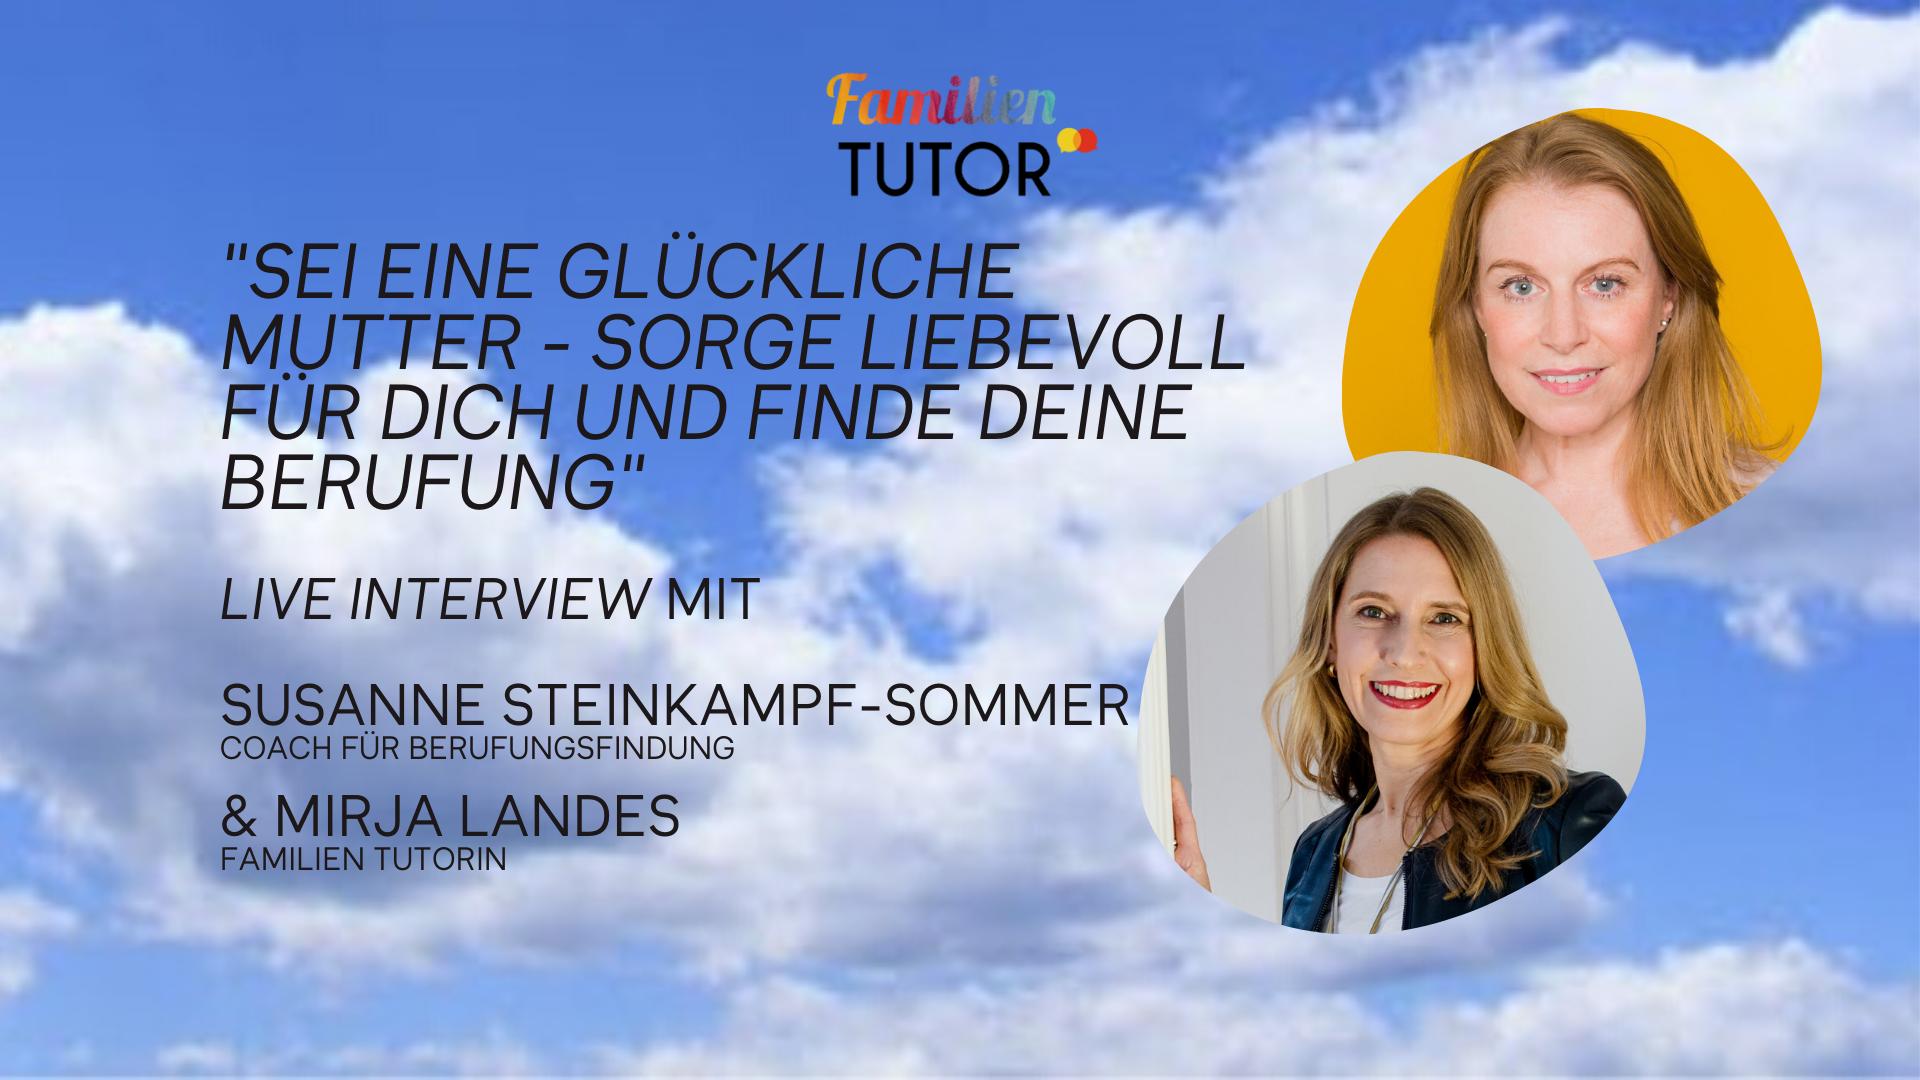 Family Friday Tutorial mit Susanne Steinkampf-Sommer